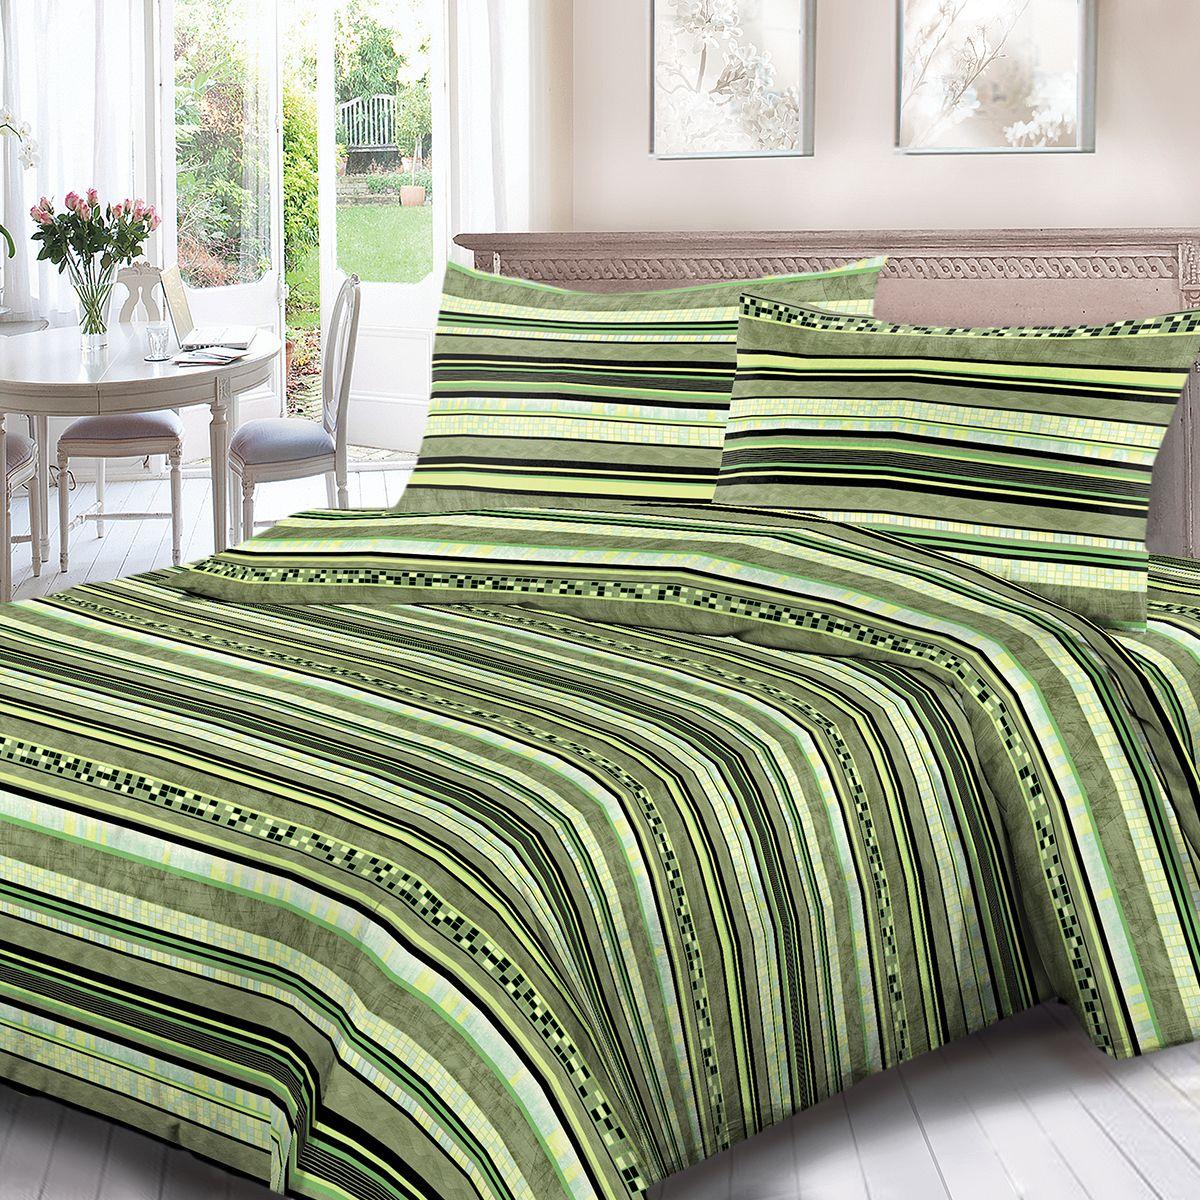 Комплект белья Для Снов Шанталь, 2-х спальное, наволочки 70x70, цвет: зеленый. 1680-181974